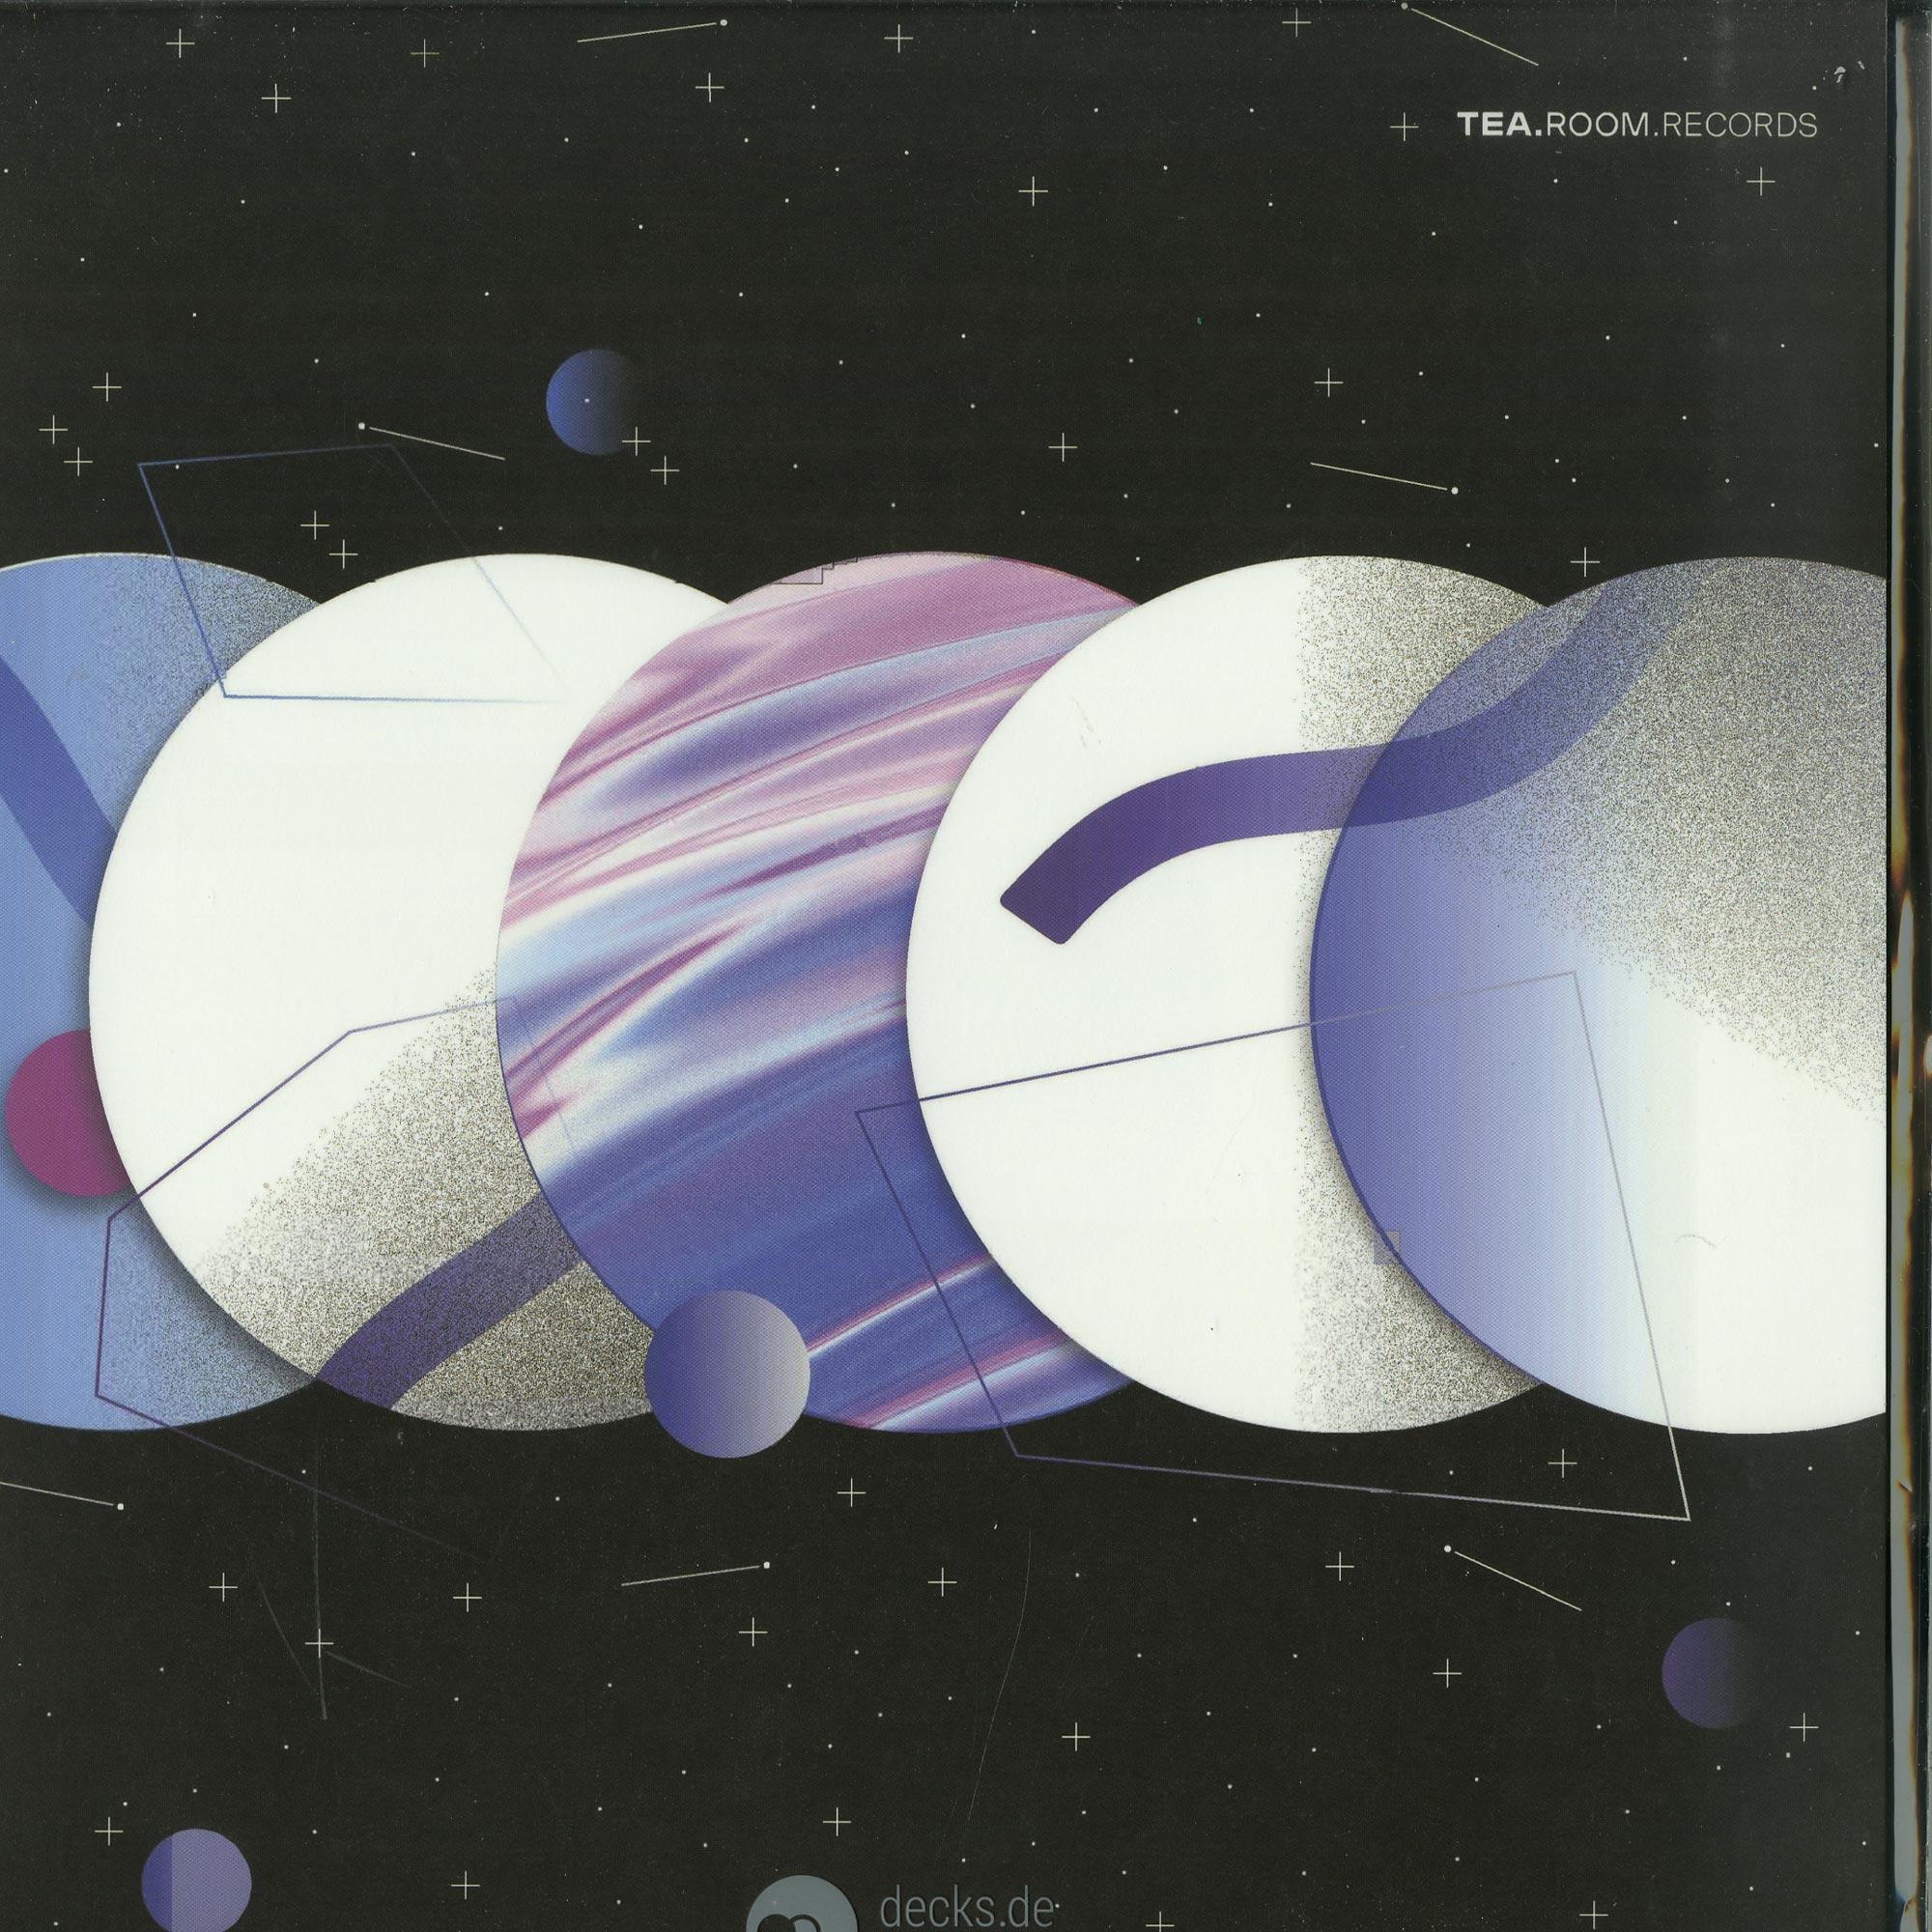 Komey / Wyro - SPACE EP